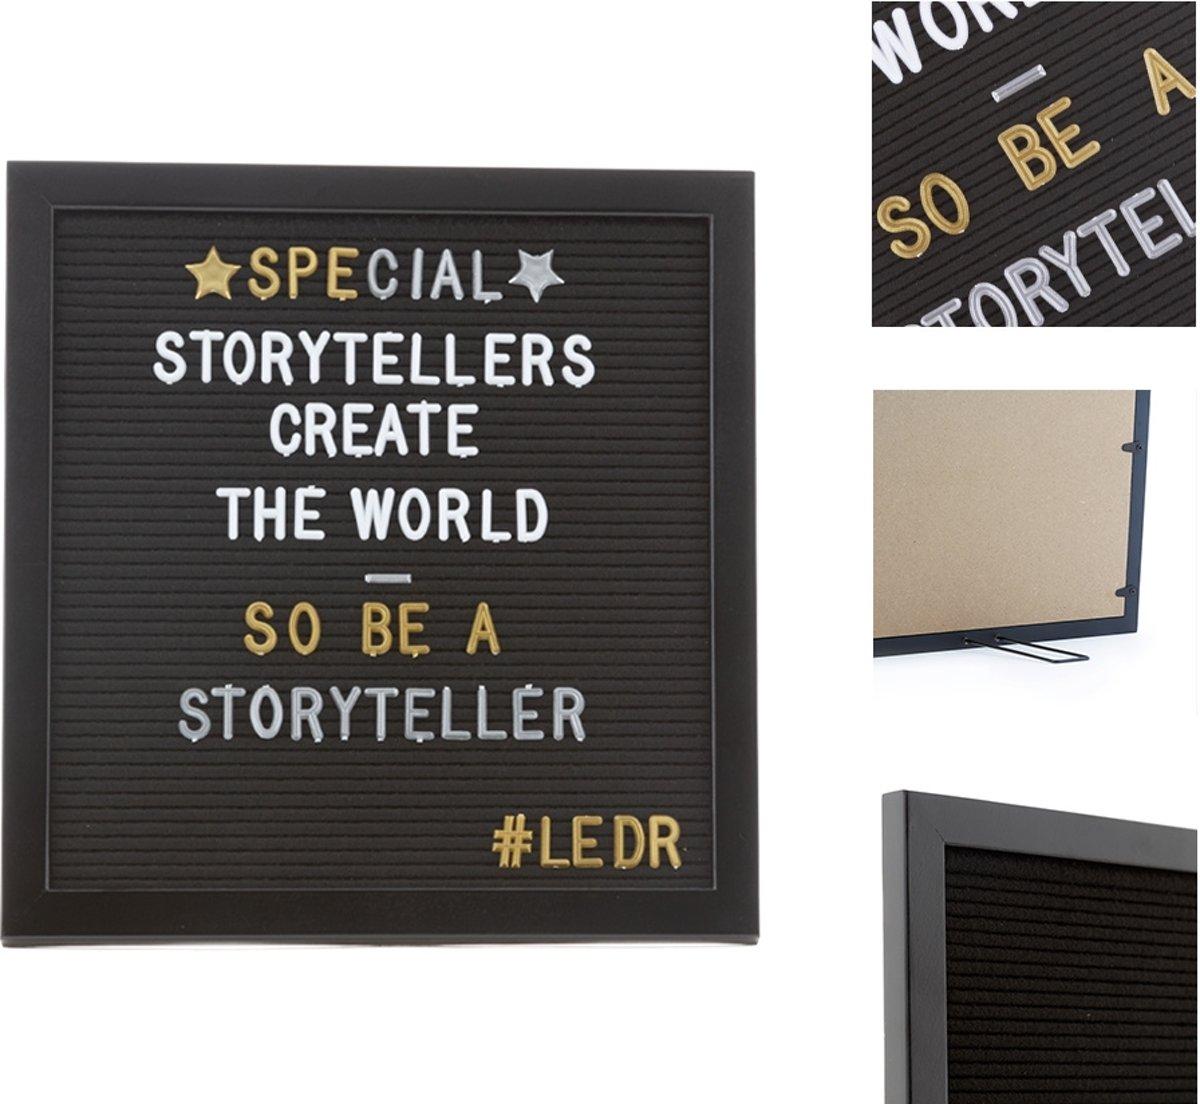 LEDR® Letterbord 30 x 30 Volledig Zwart – Inclusief 354 letters, symbolen & emoticons – Inclusief verstelbaar standaard - Eiken houten frame kopen